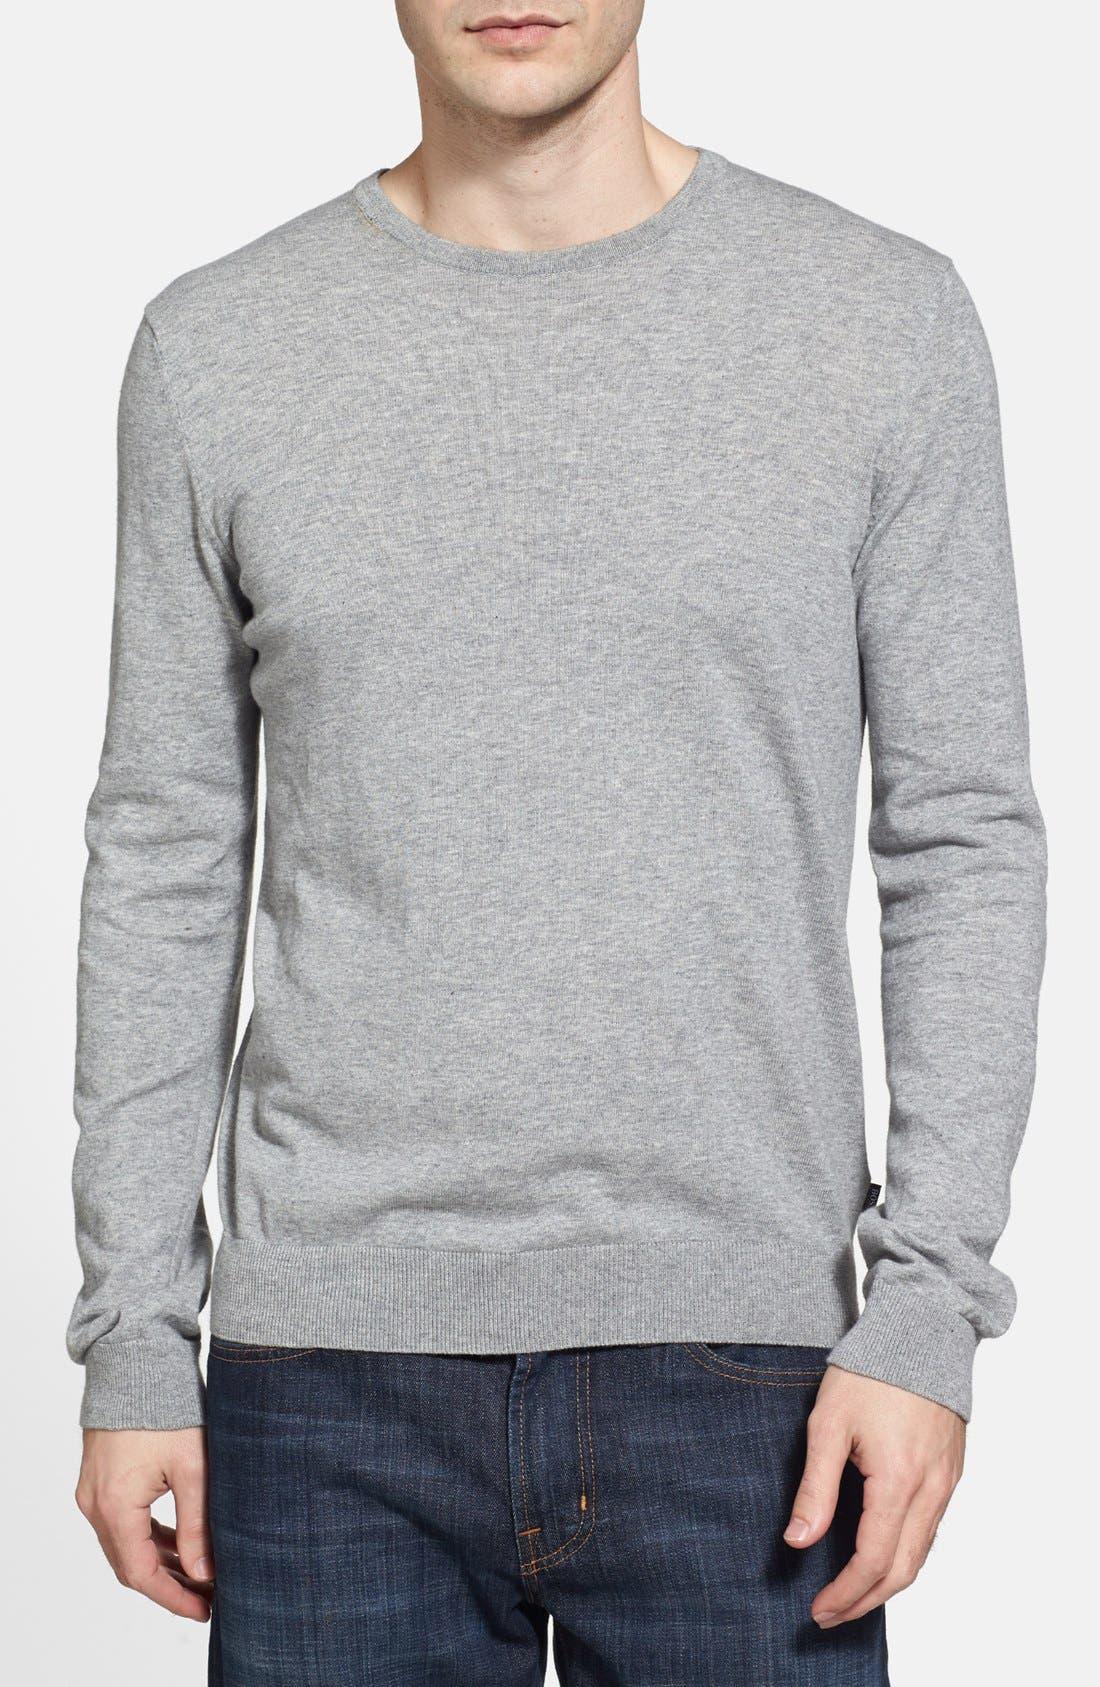 Main Image - BOSS HUGO BOSS 'Perinus' Crewneck Sweater